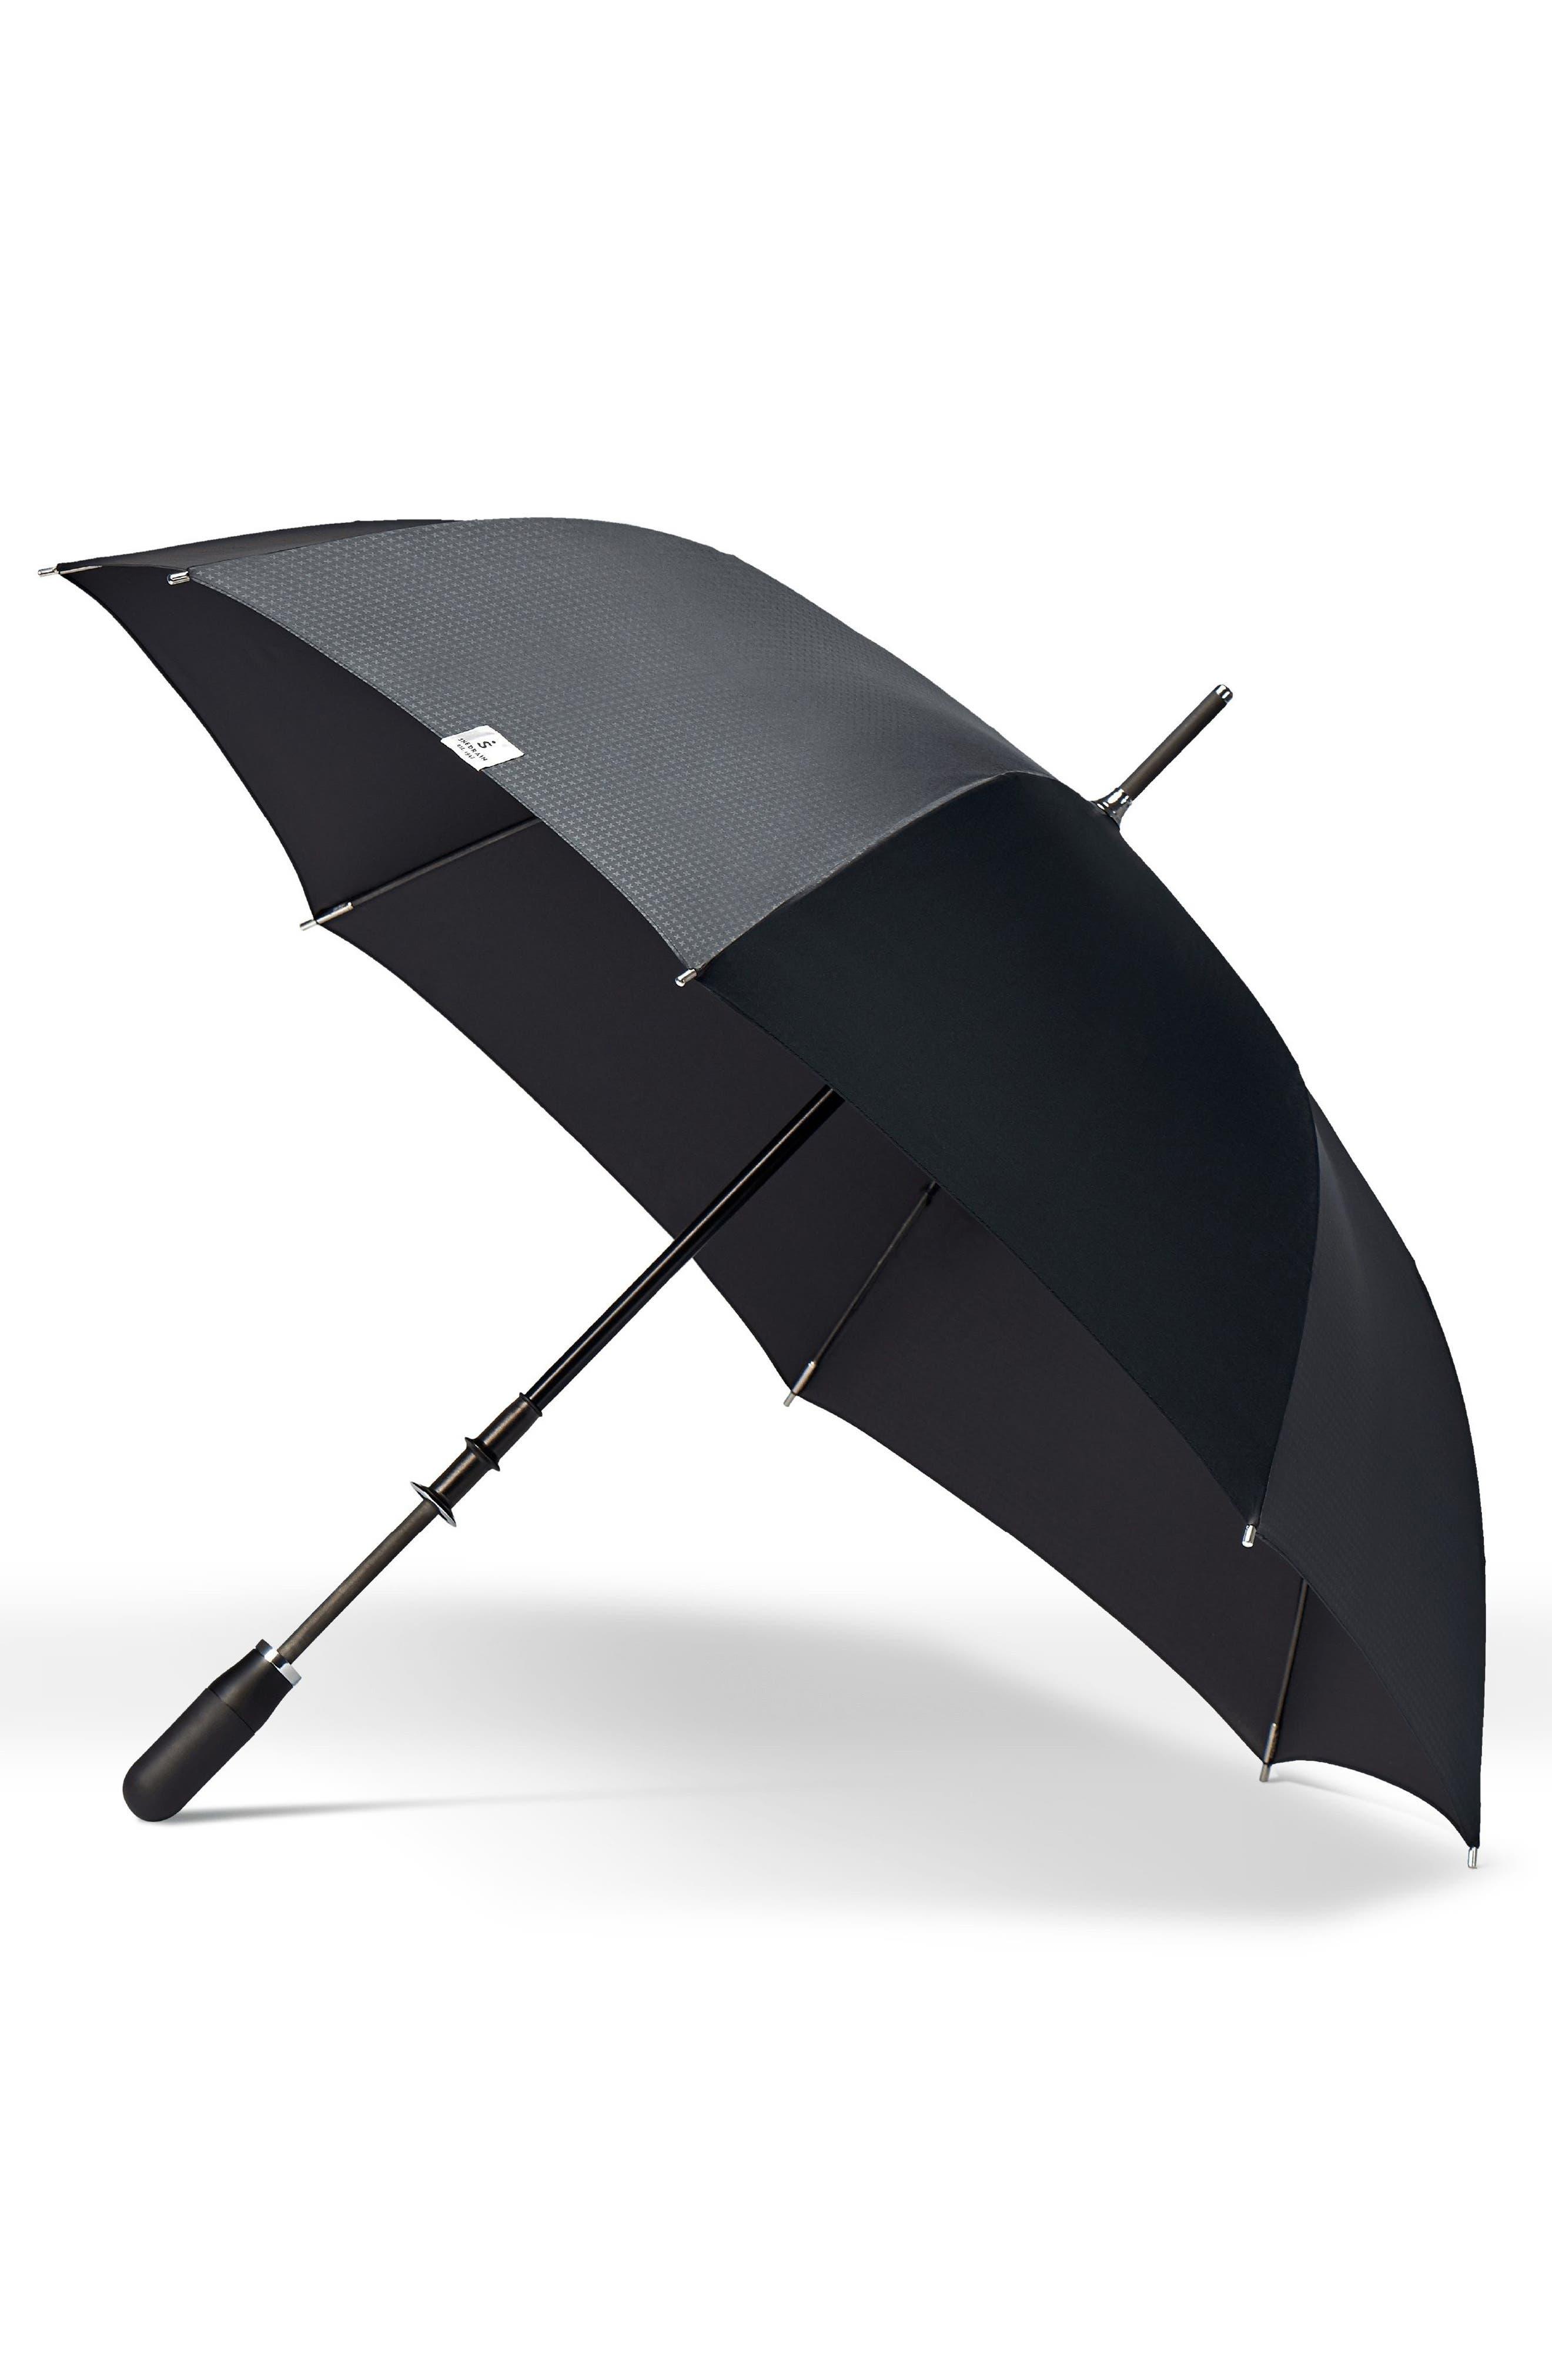 ShedRain Stratus Auto Open Stick Umbrella